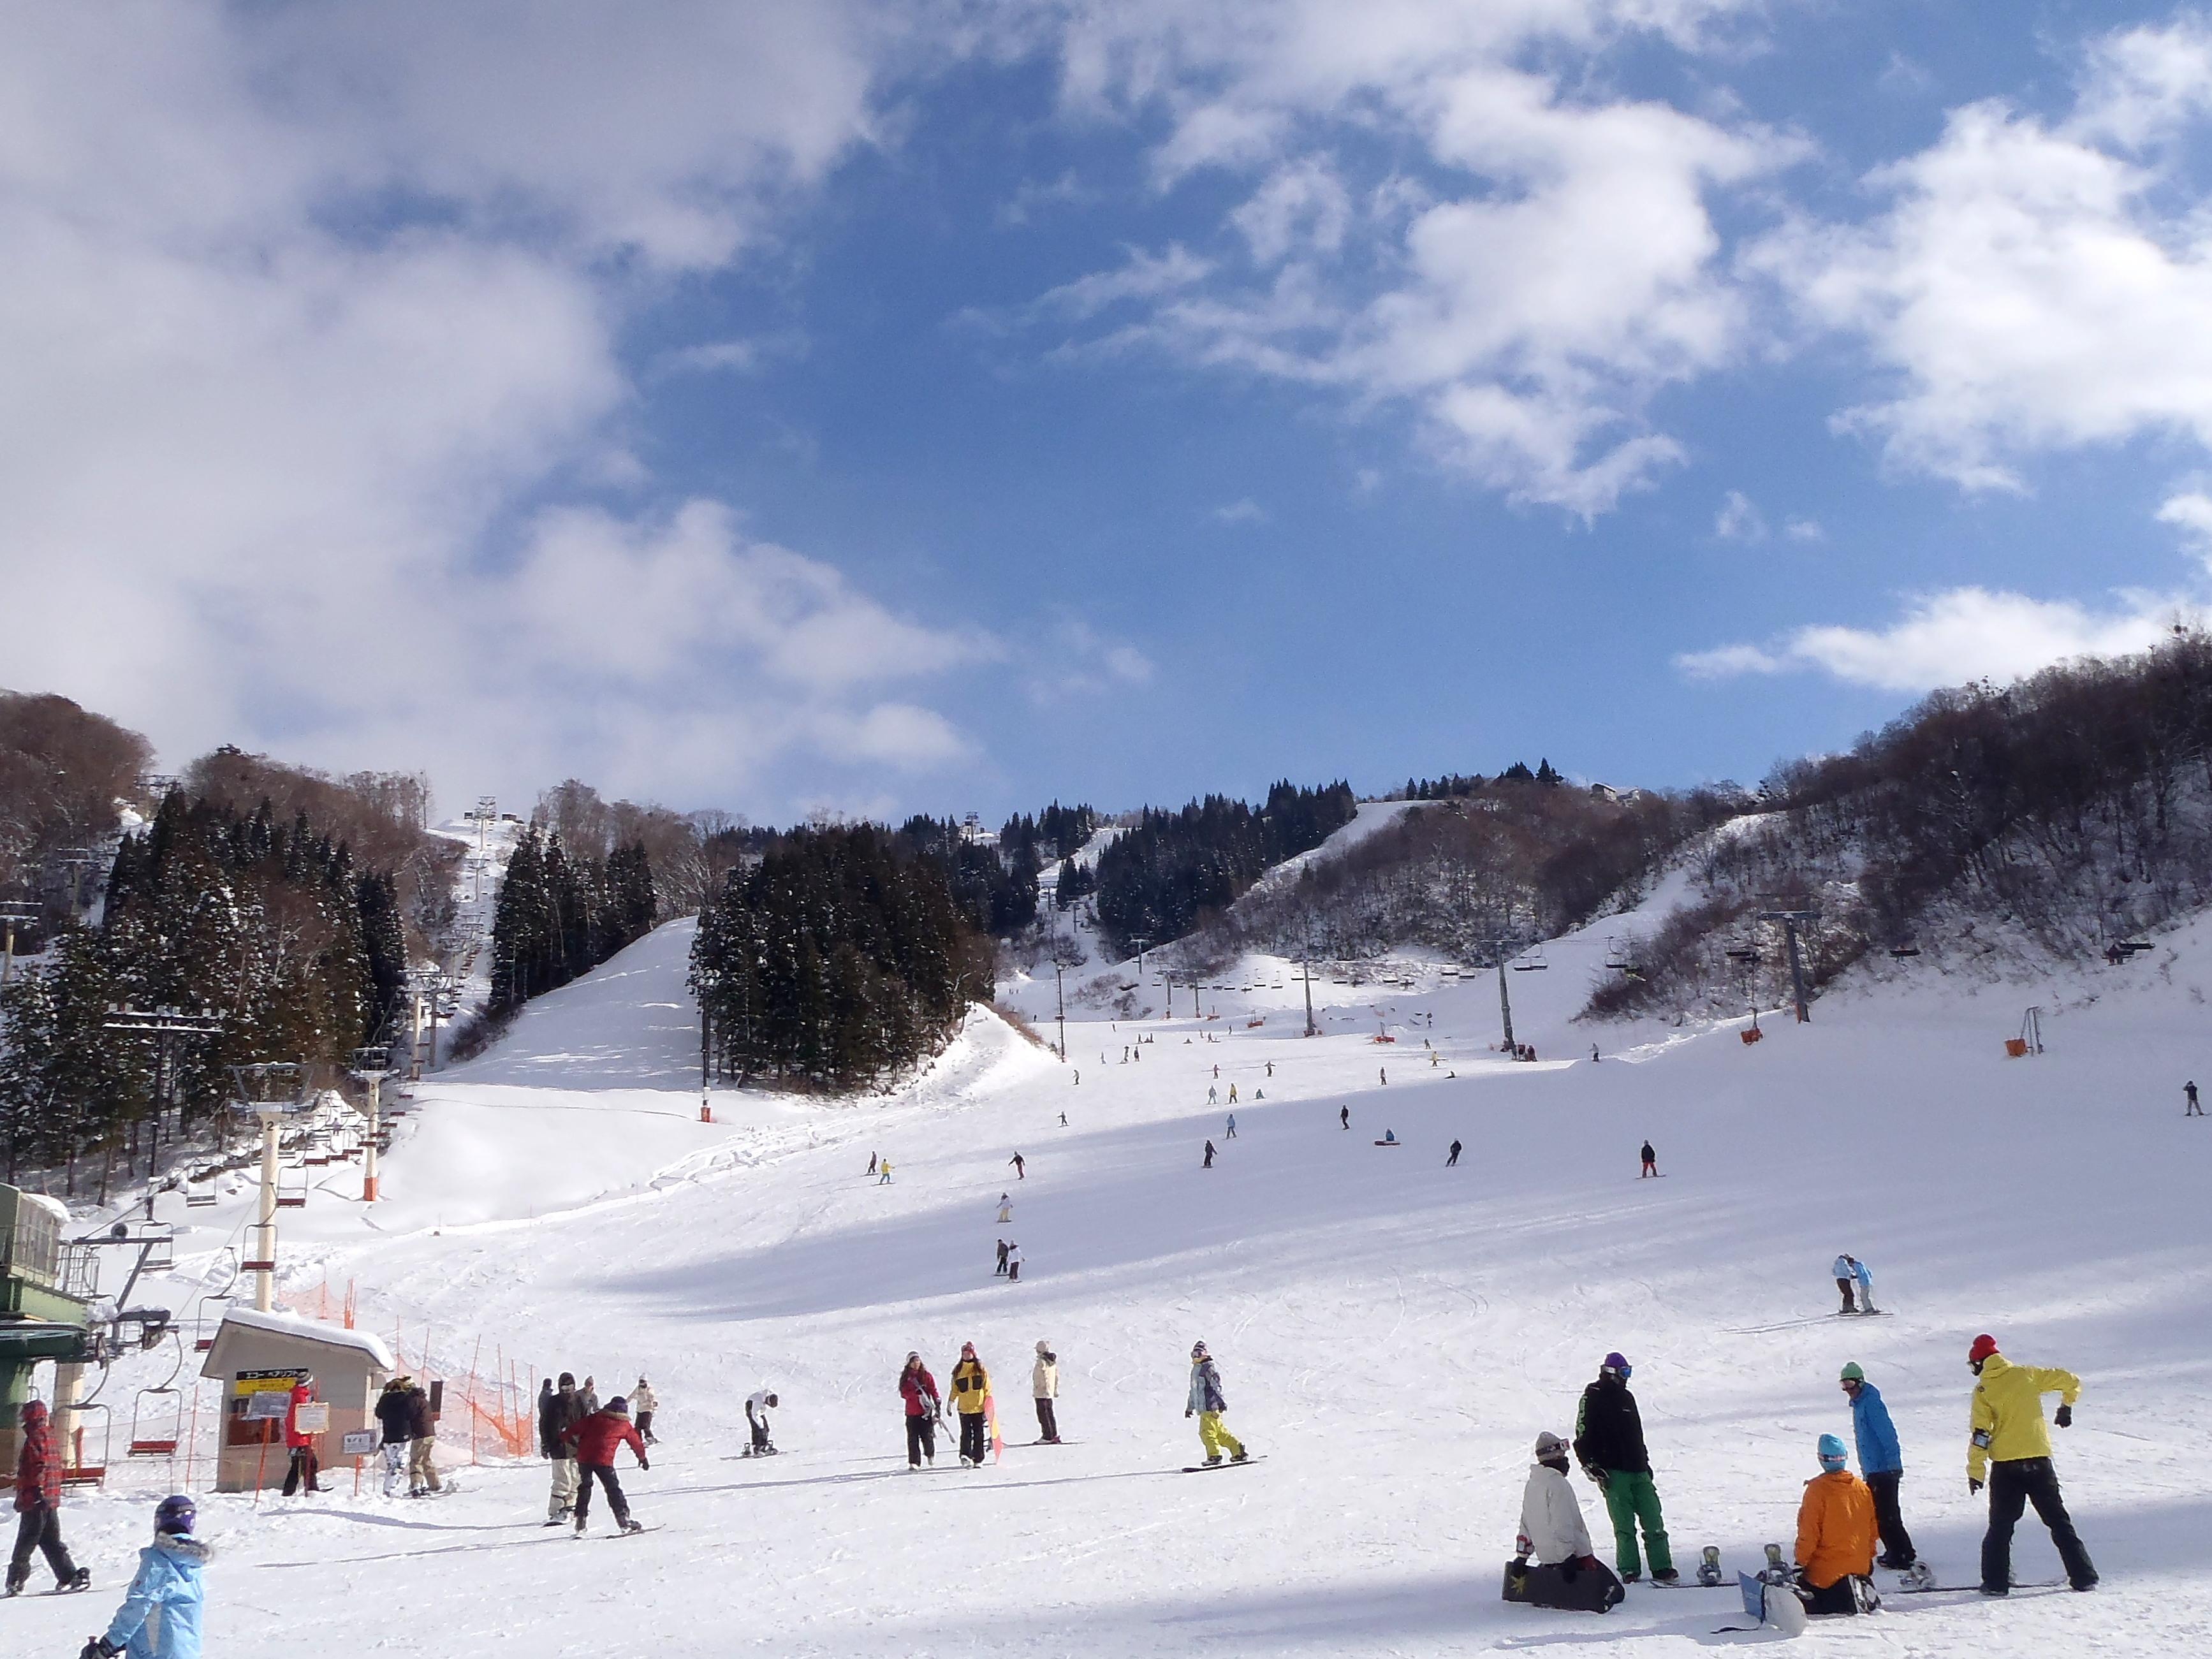 ホワイトピアたかすスキー場(12.8km)